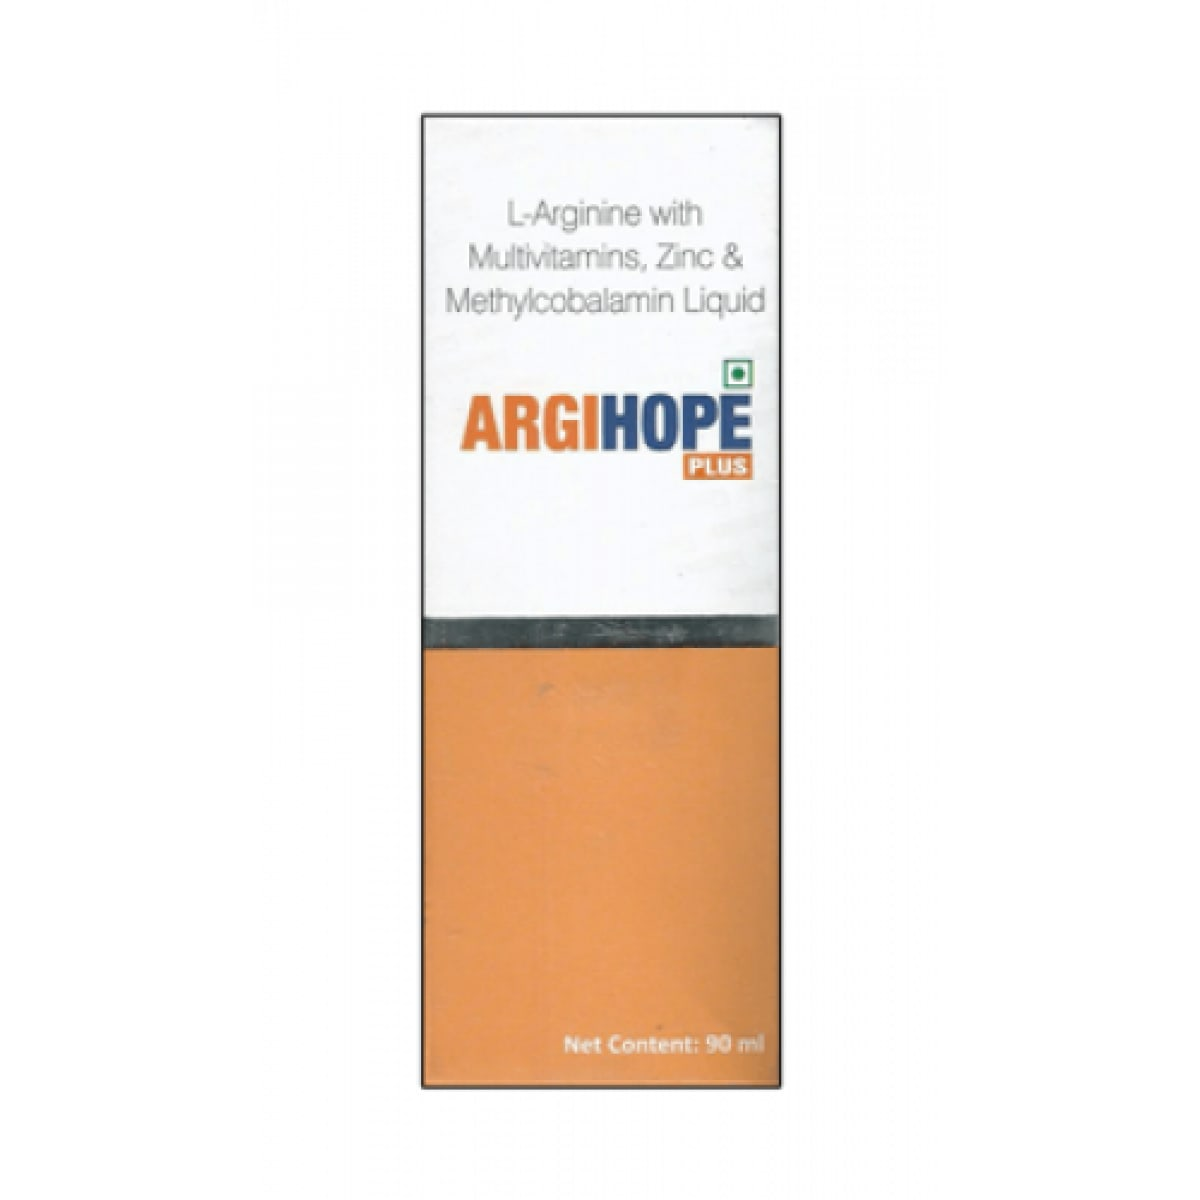 Argihope Plus Liquid